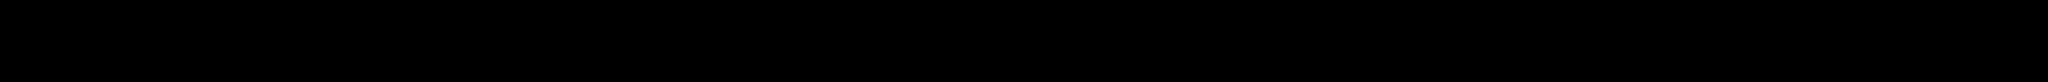 BOSCH 03L 963 319, 03L 963 319 B, 03L 963 319 D, 059 963 319 AB, 059 963 319 E Hehkutulppa